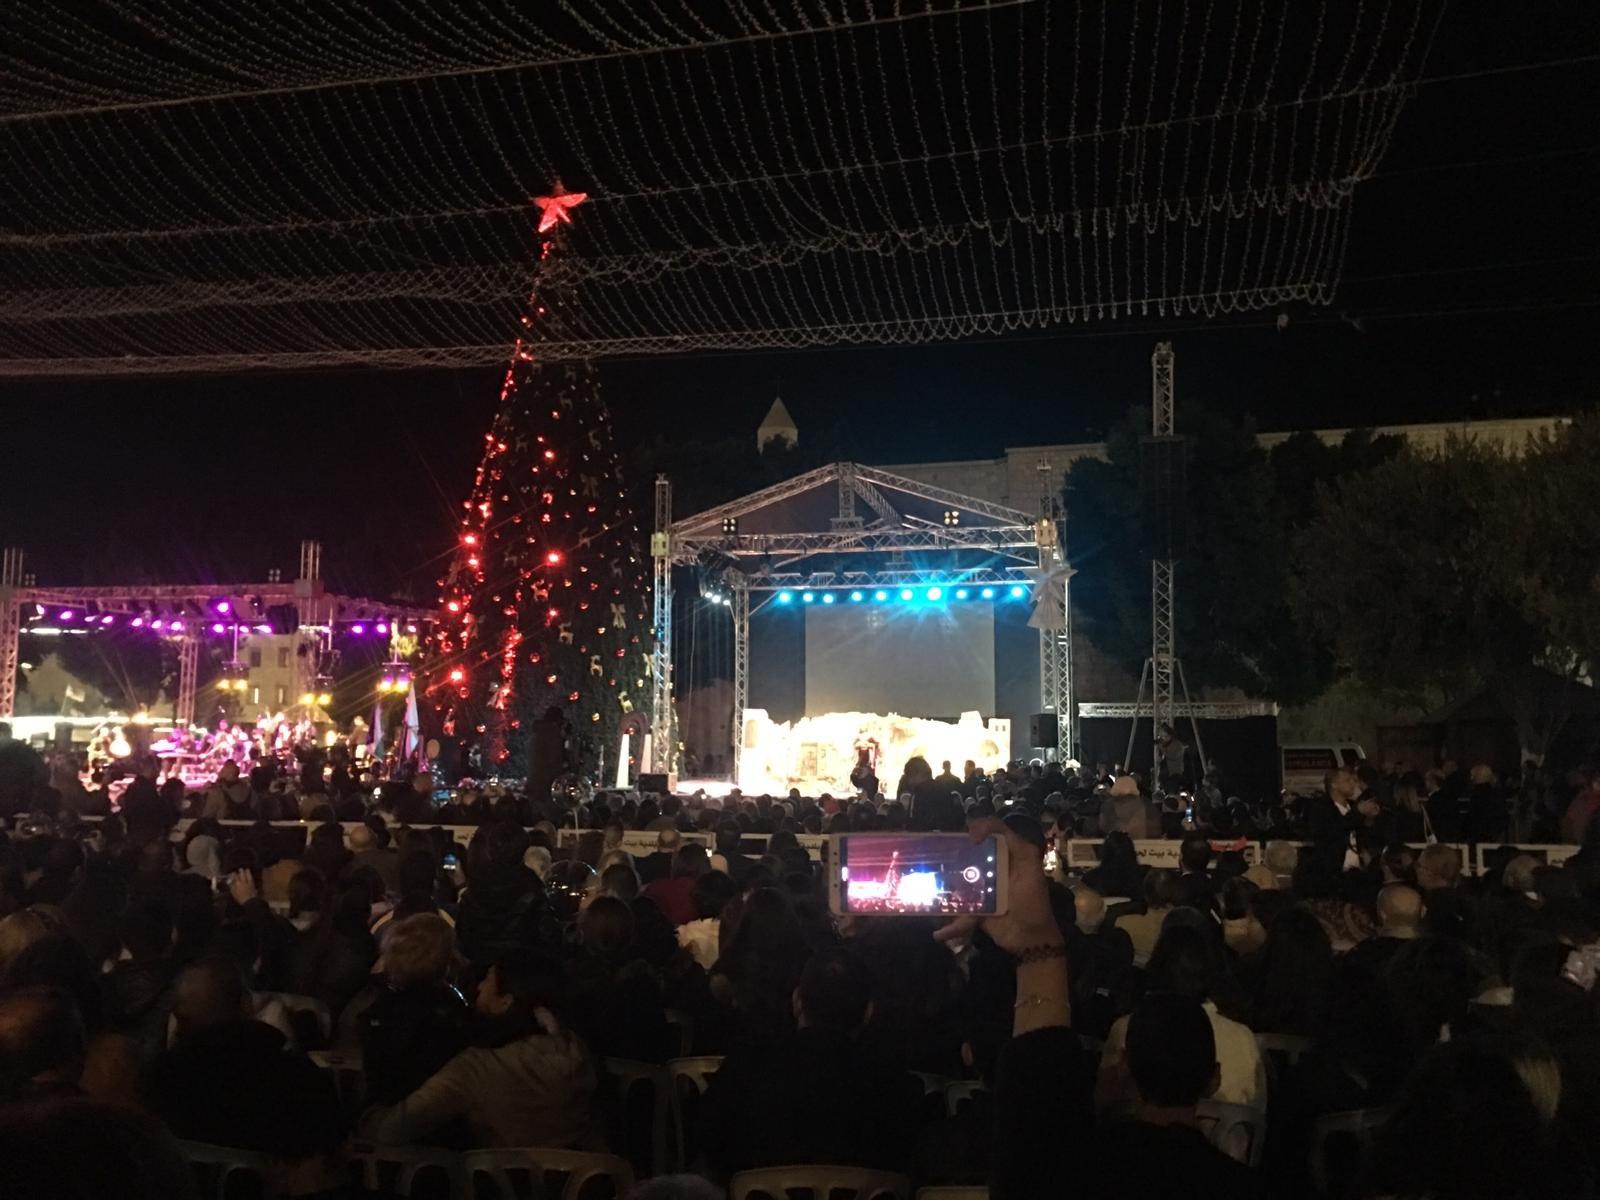 الاحتفال بإضاءة شجرة الميلاد في بيت لحم-1